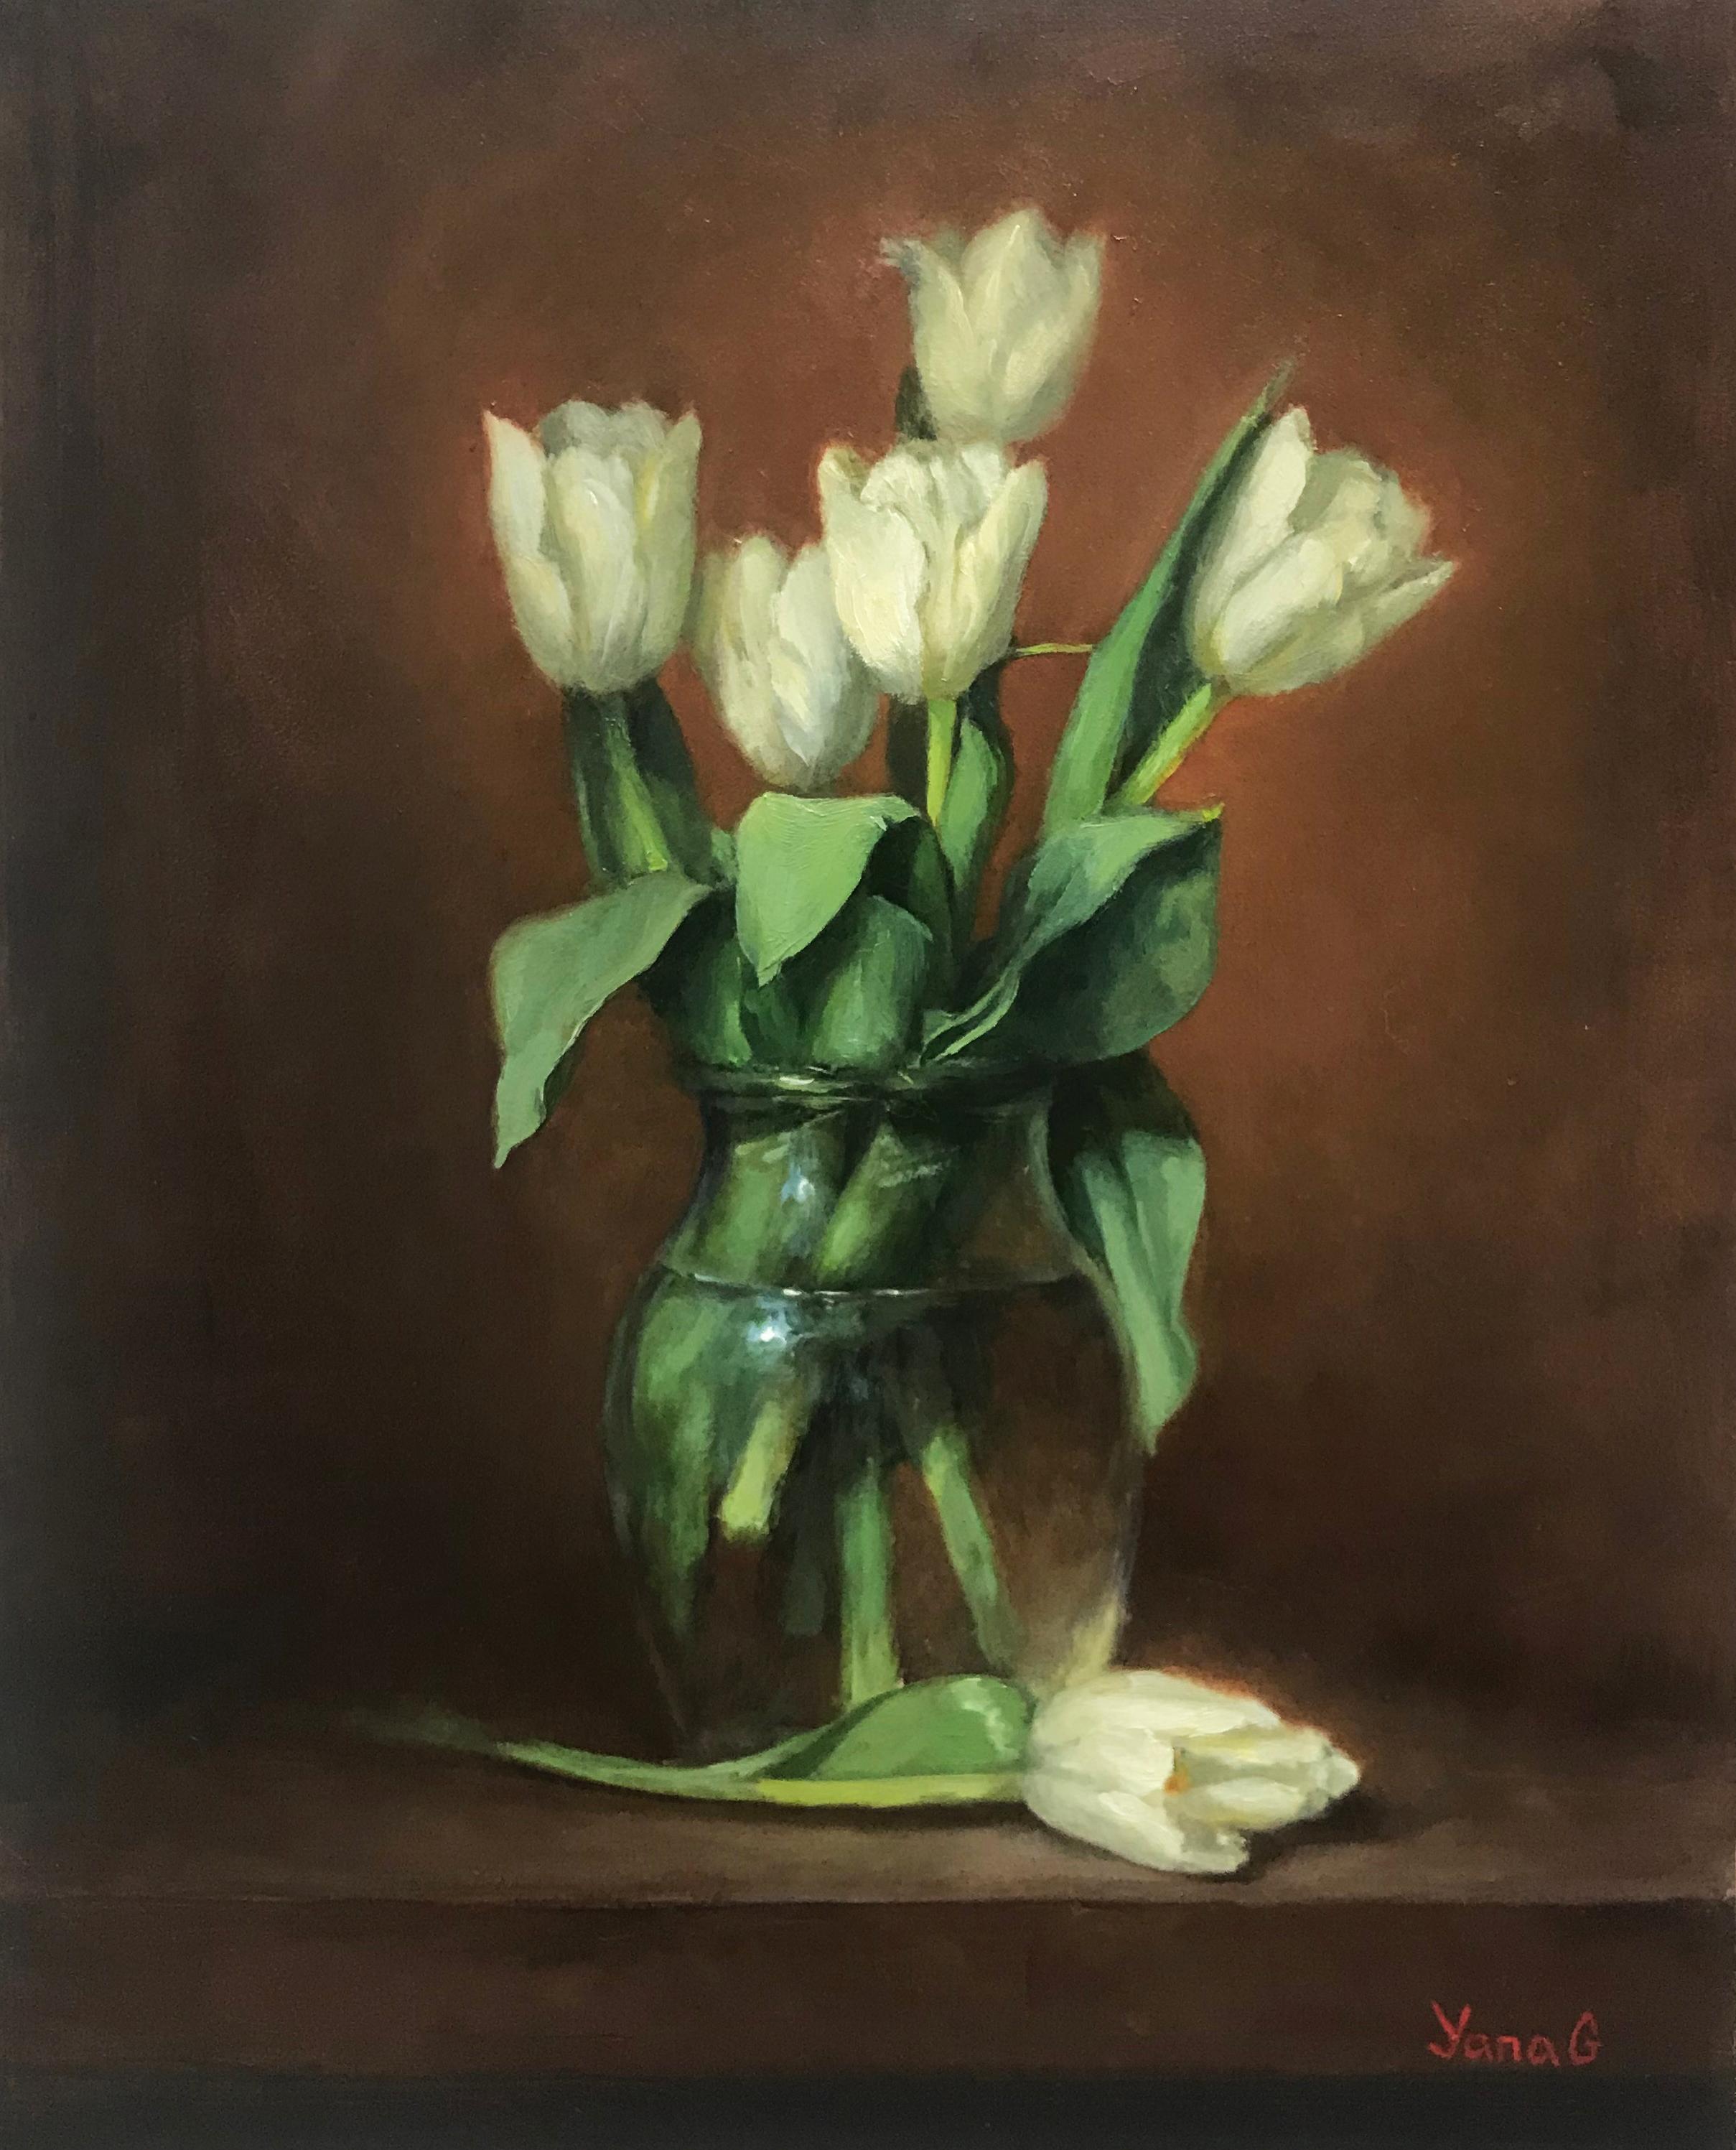 Tulips 8x10 Oil on board